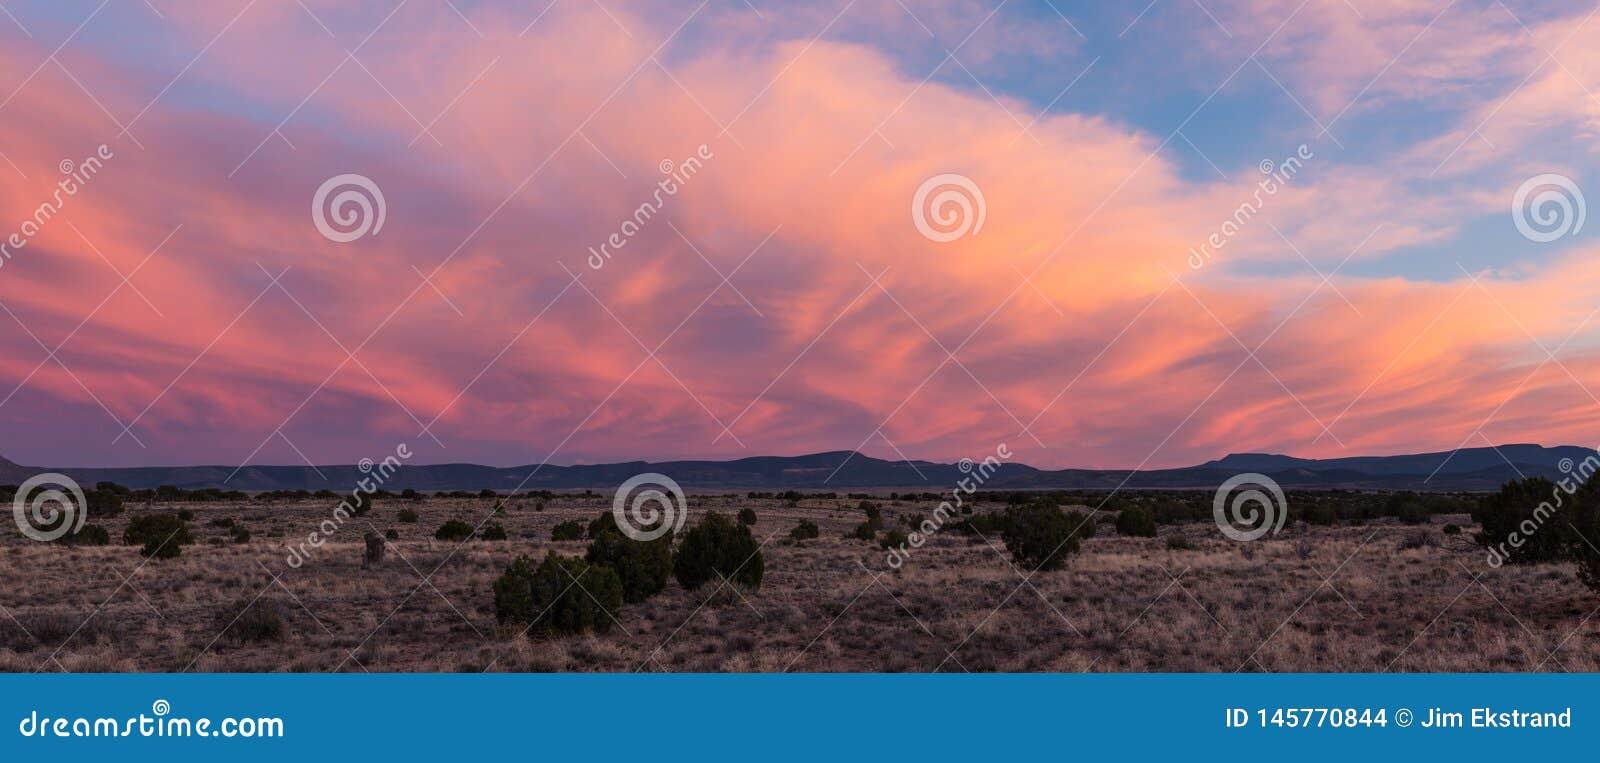 Το ηλιοβασίλεμα φωτίζει τα στροβιλιμένος δραματικά σύννεφα πέρα από ένα τοπίο ερήμων